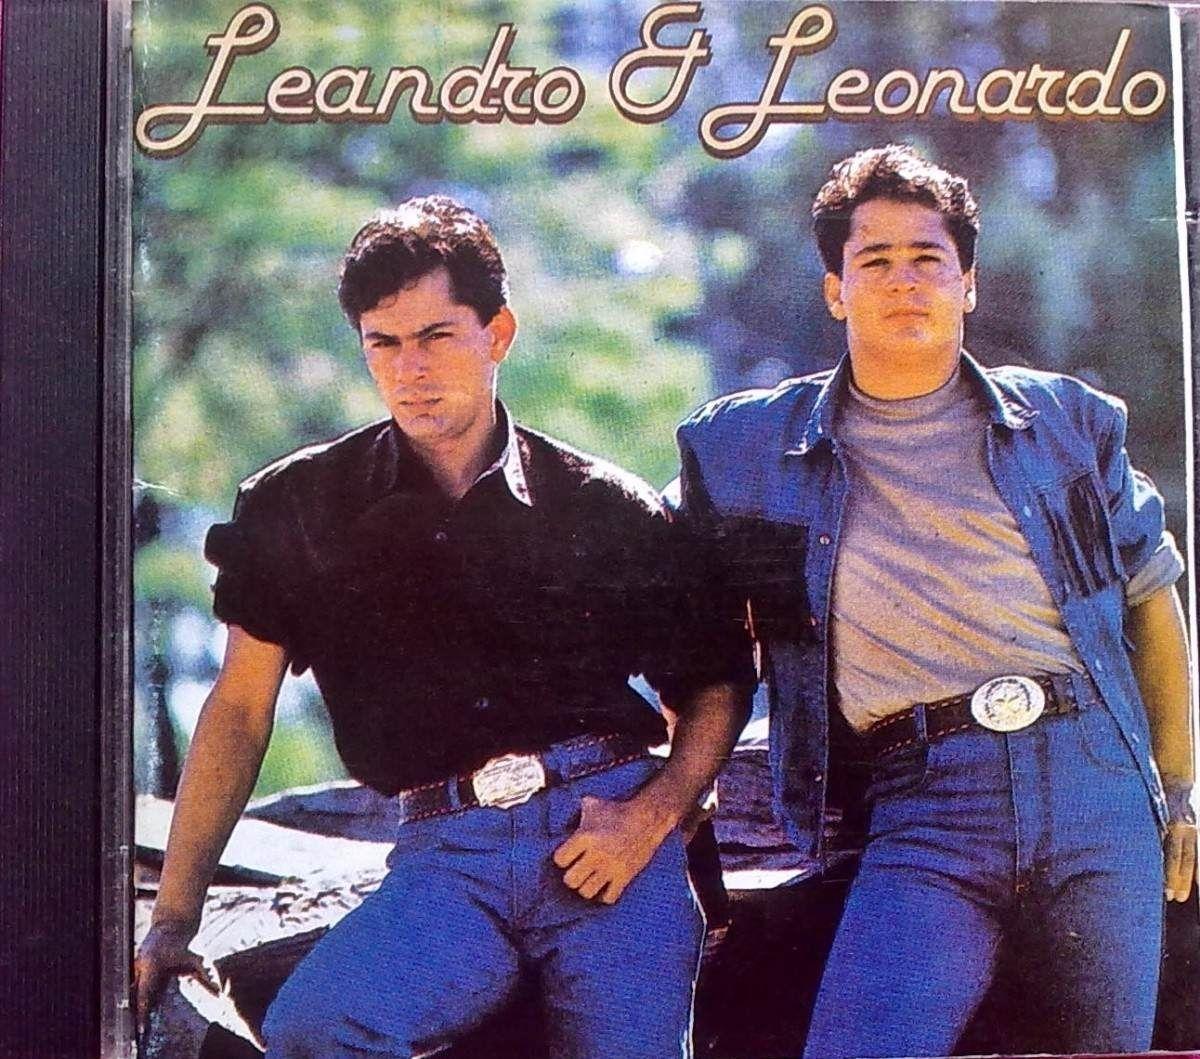 Leandro Leonardo Letras Mus Br